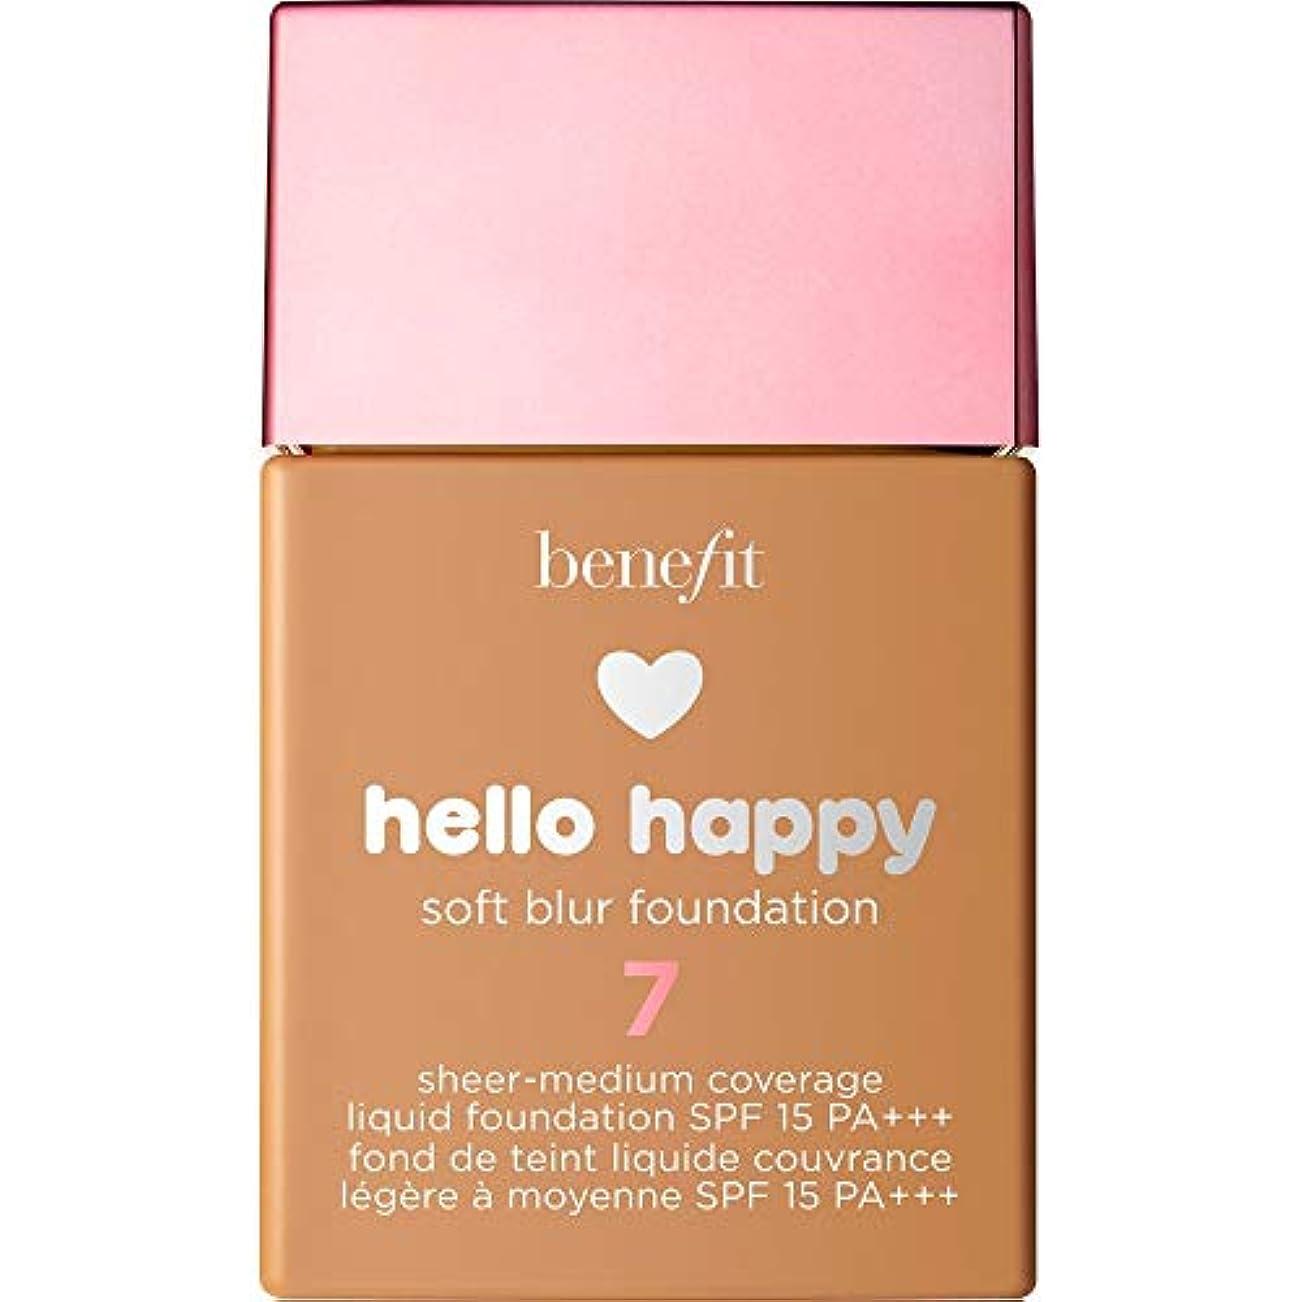 腰土相互[Benefit ] 利益こんにちは幸せなソフトブラー基礎Spf15 30ミリリットル7 - 中規模たん暖かいです - Benefit Hello Happy Soft Blur Foundation SPF15 30ml...